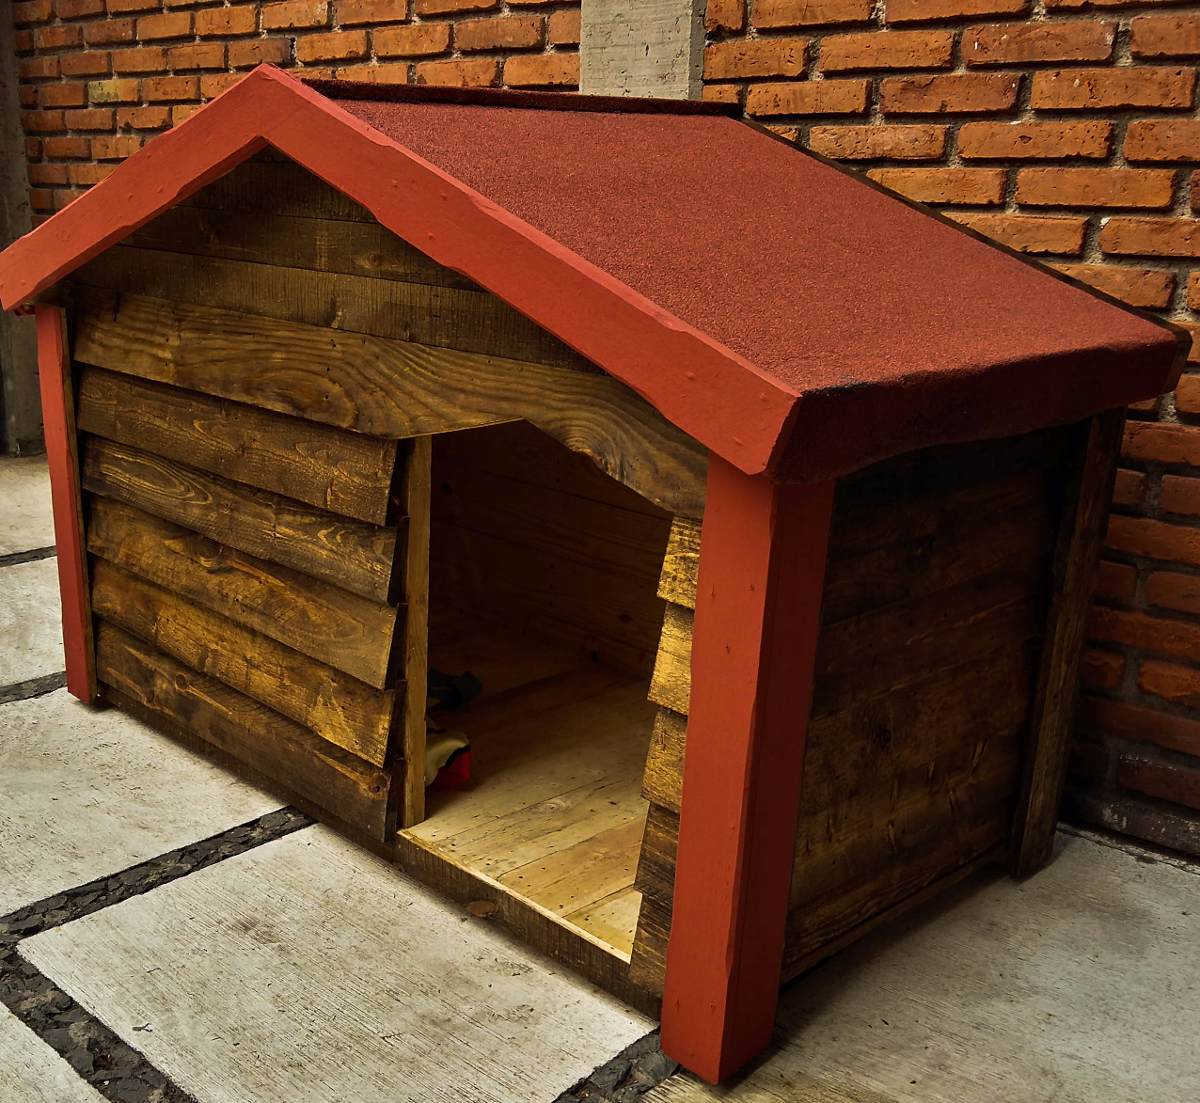 Casa de madera para perro extra grande 3 en mercado libre - Casaa de madera ...